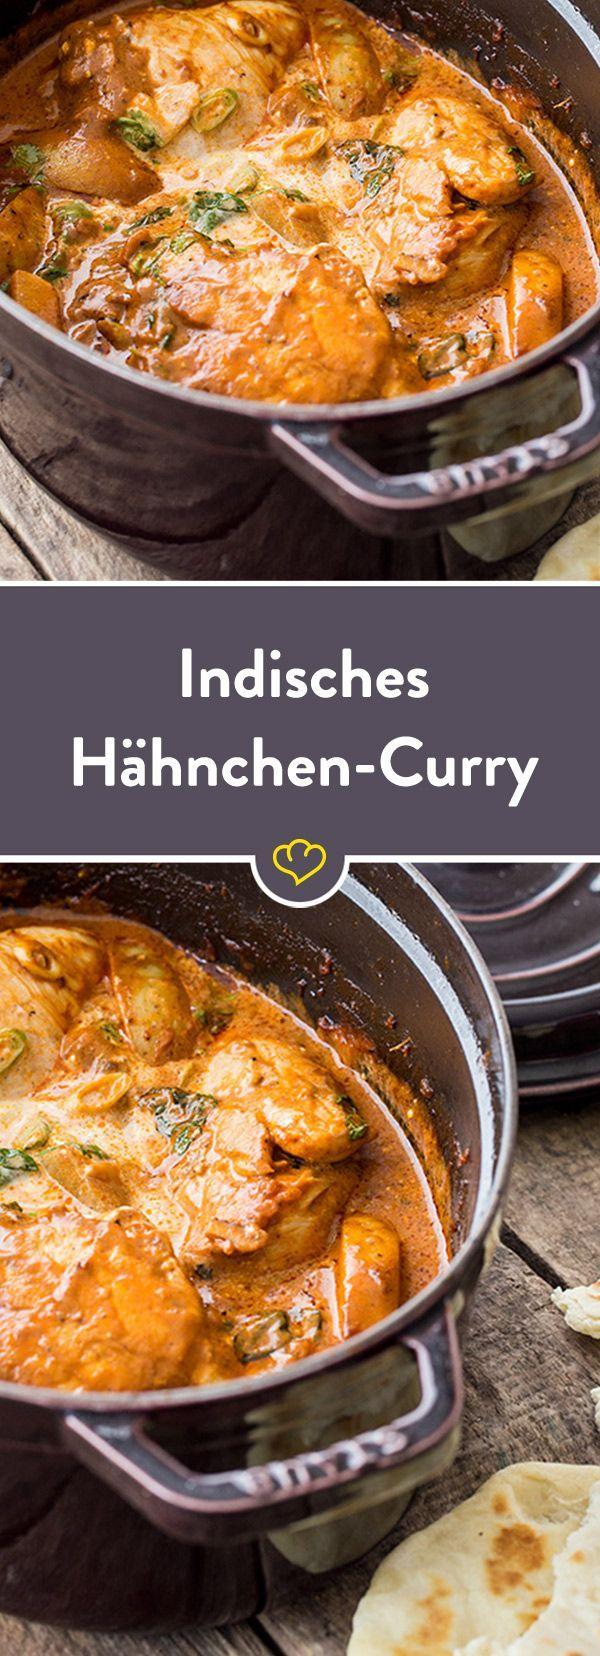 Bei diesem wunderbar cremigen Curry aus Indien kommt alles in einen Topf - Deckel drauf und warten, bis Kreuzkümmel Co. ihr Aroma entfaltet haben. #instantpotrecipeseasy